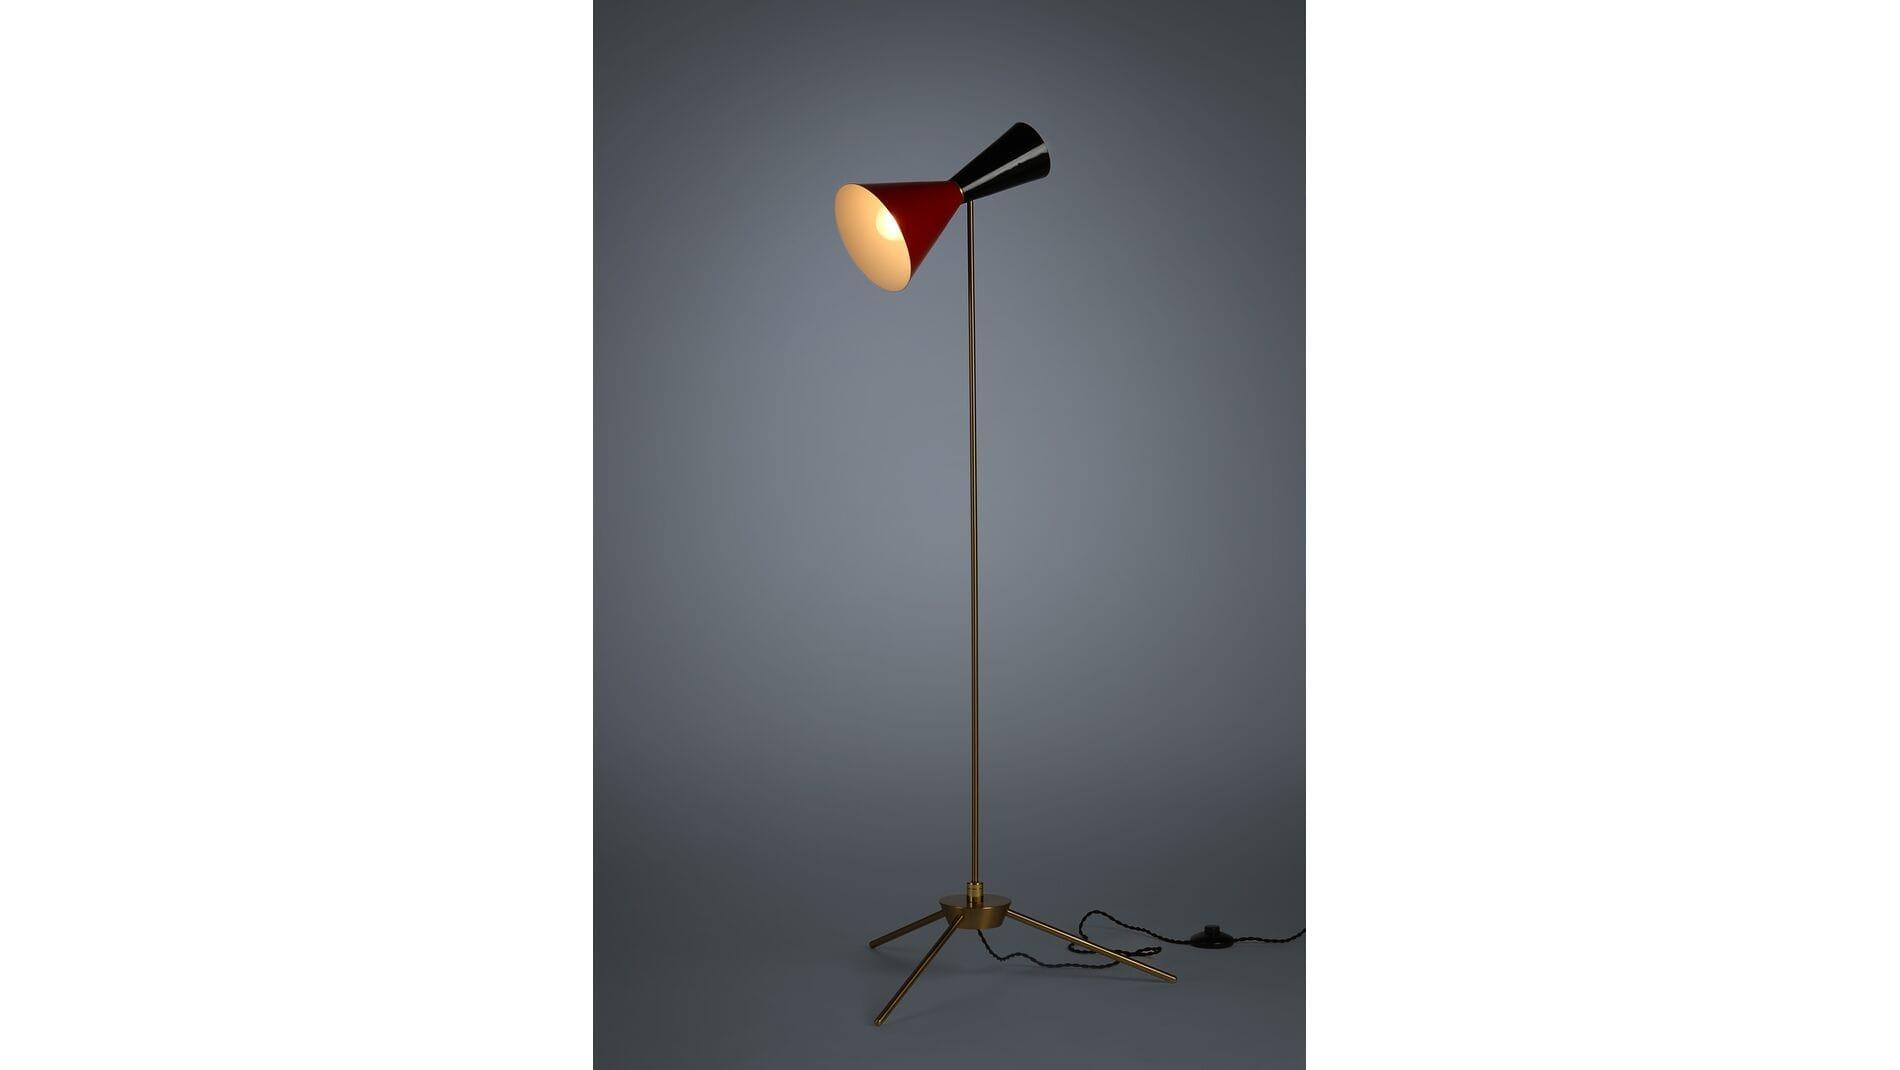 Напольный светильник Stilnovo Style 1 лампа